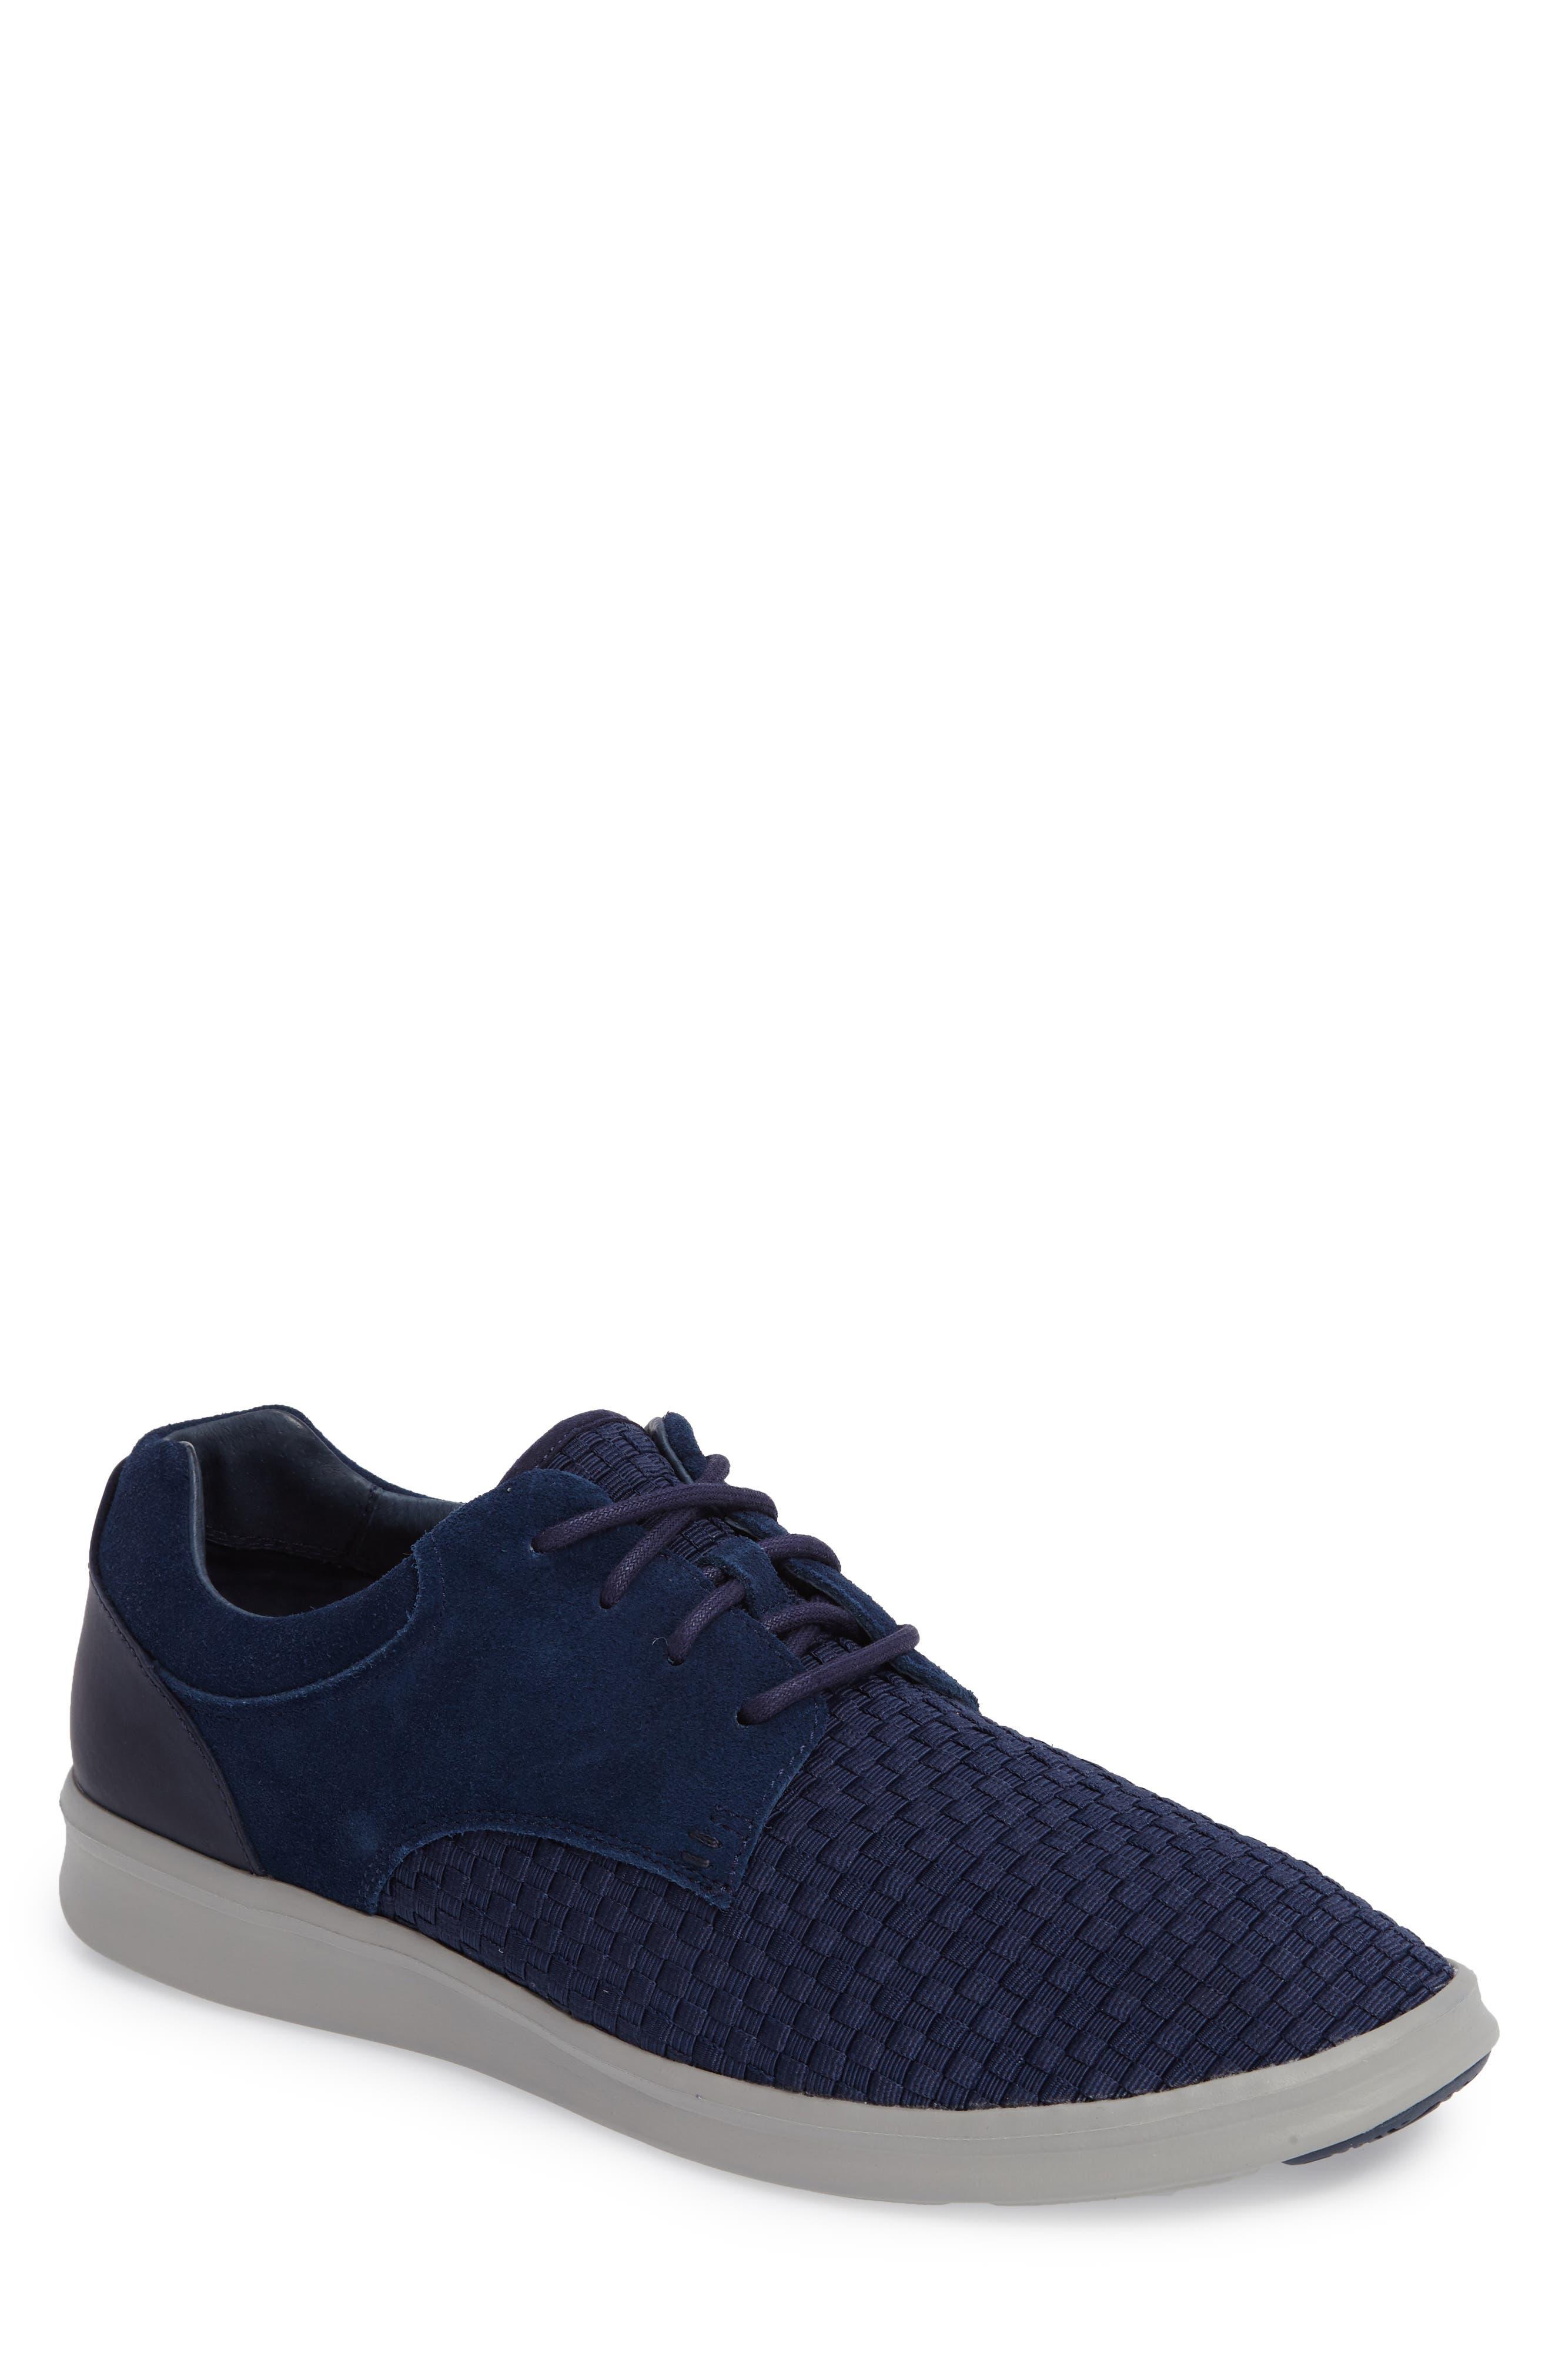 'Hepner' Woven Sneaker,                             Main thumbnail 1, color,                             New Navy